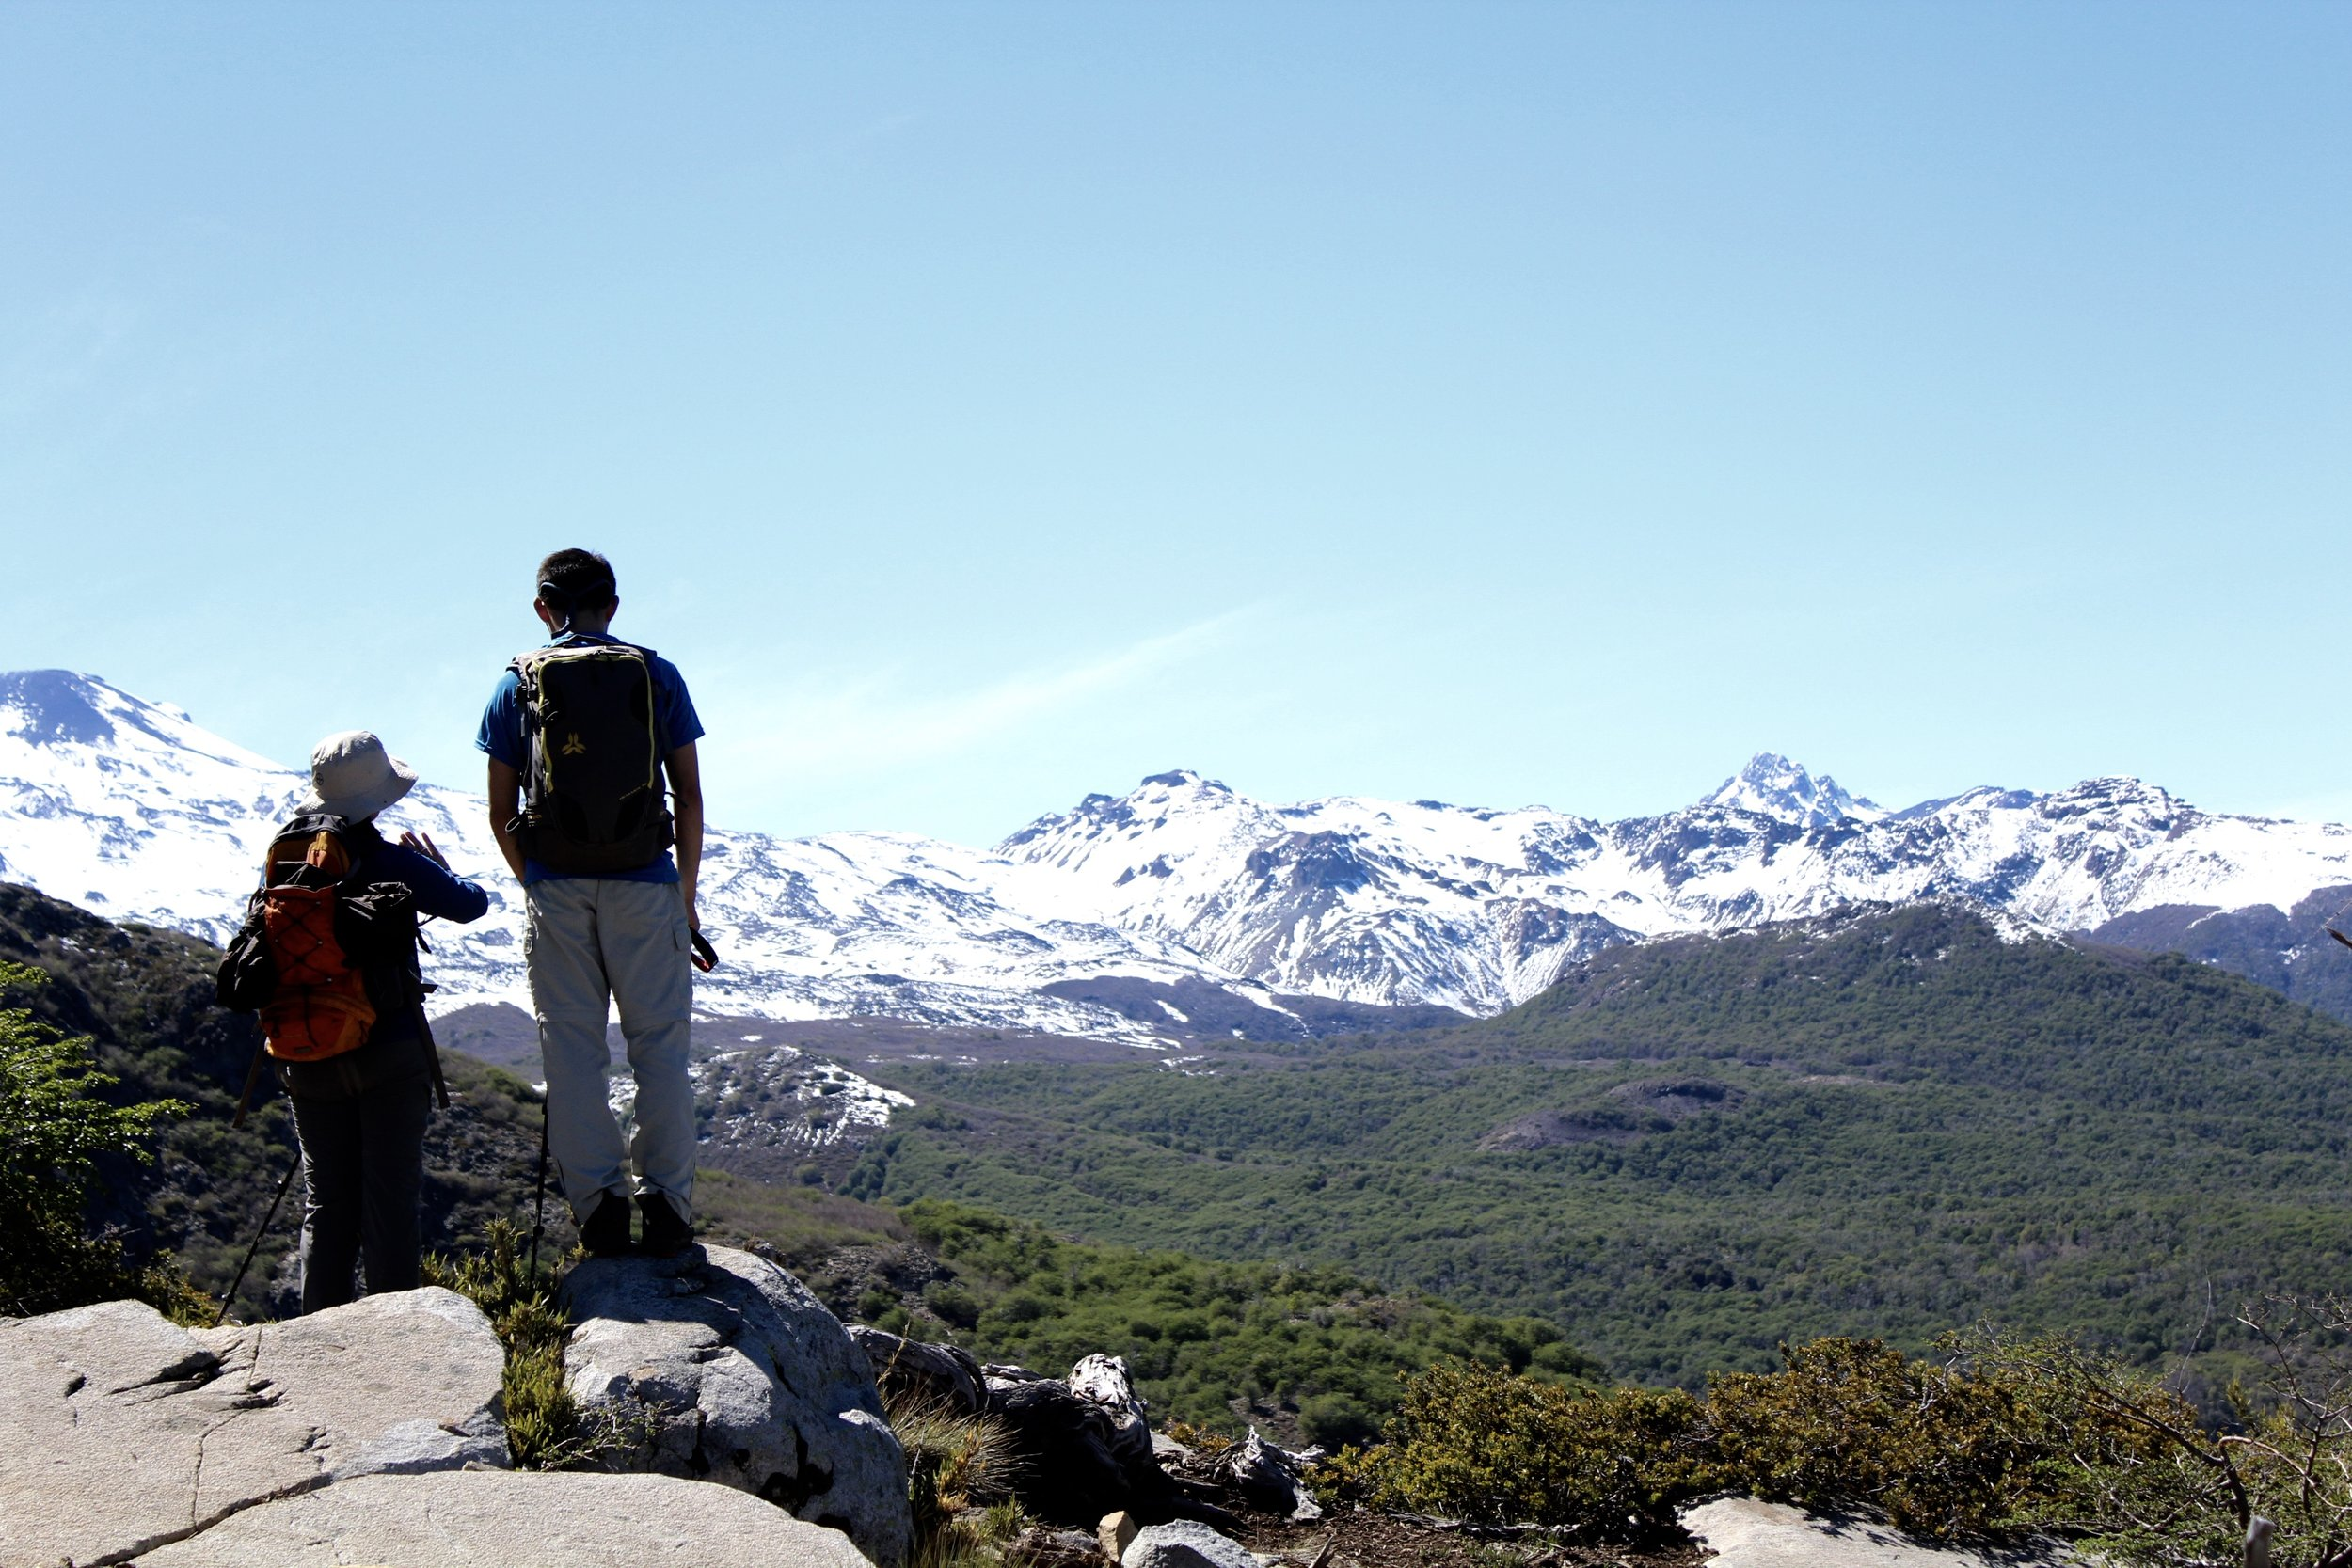 Vista al complejo Volcanico Nevedos de Chillán en ruta a la laguna del Huemul.